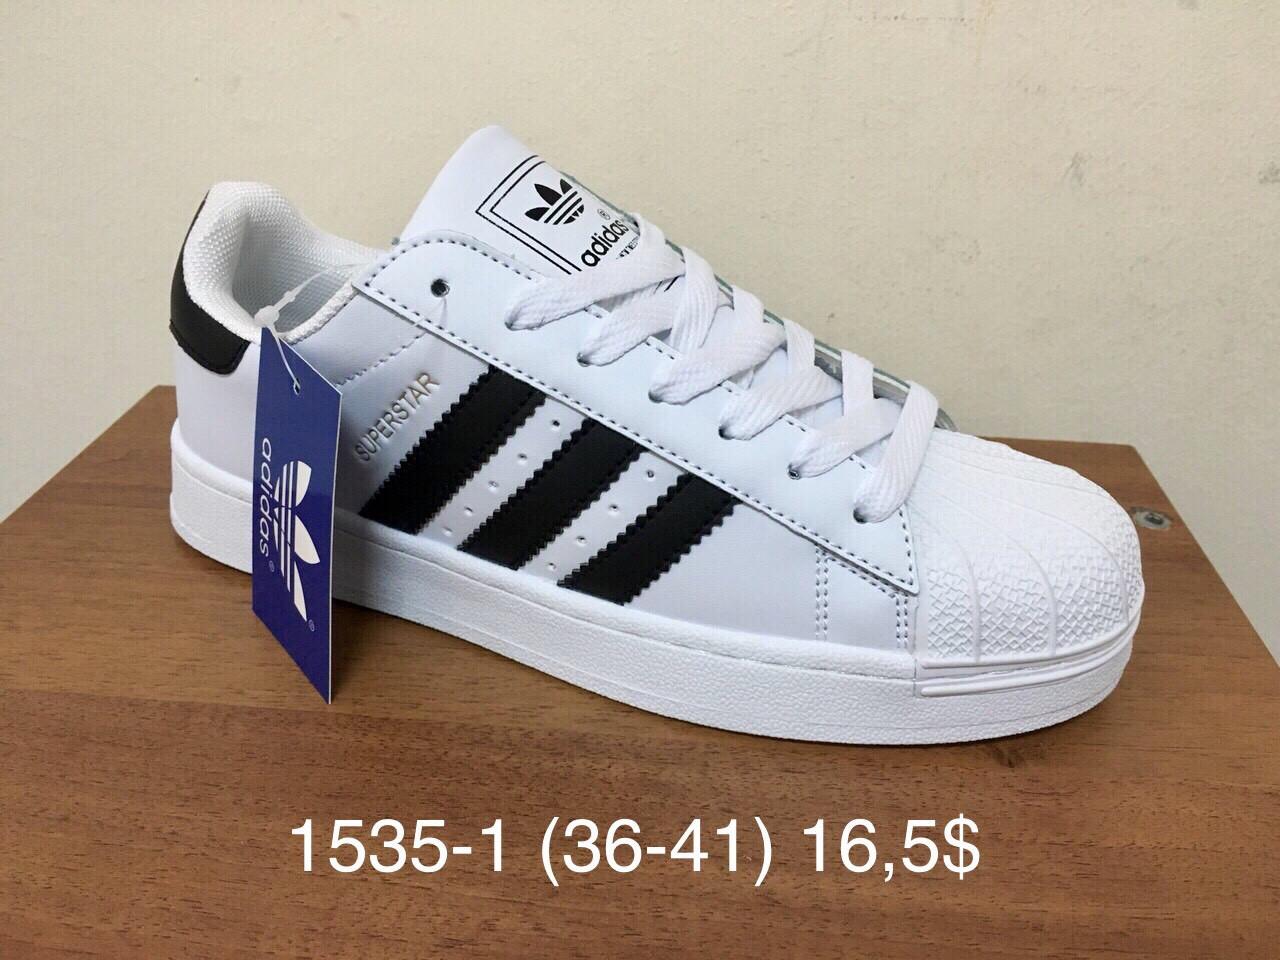 509d6f63 Подростковые кроссовки оптом Adidas Superstar: продажа, цена в ...